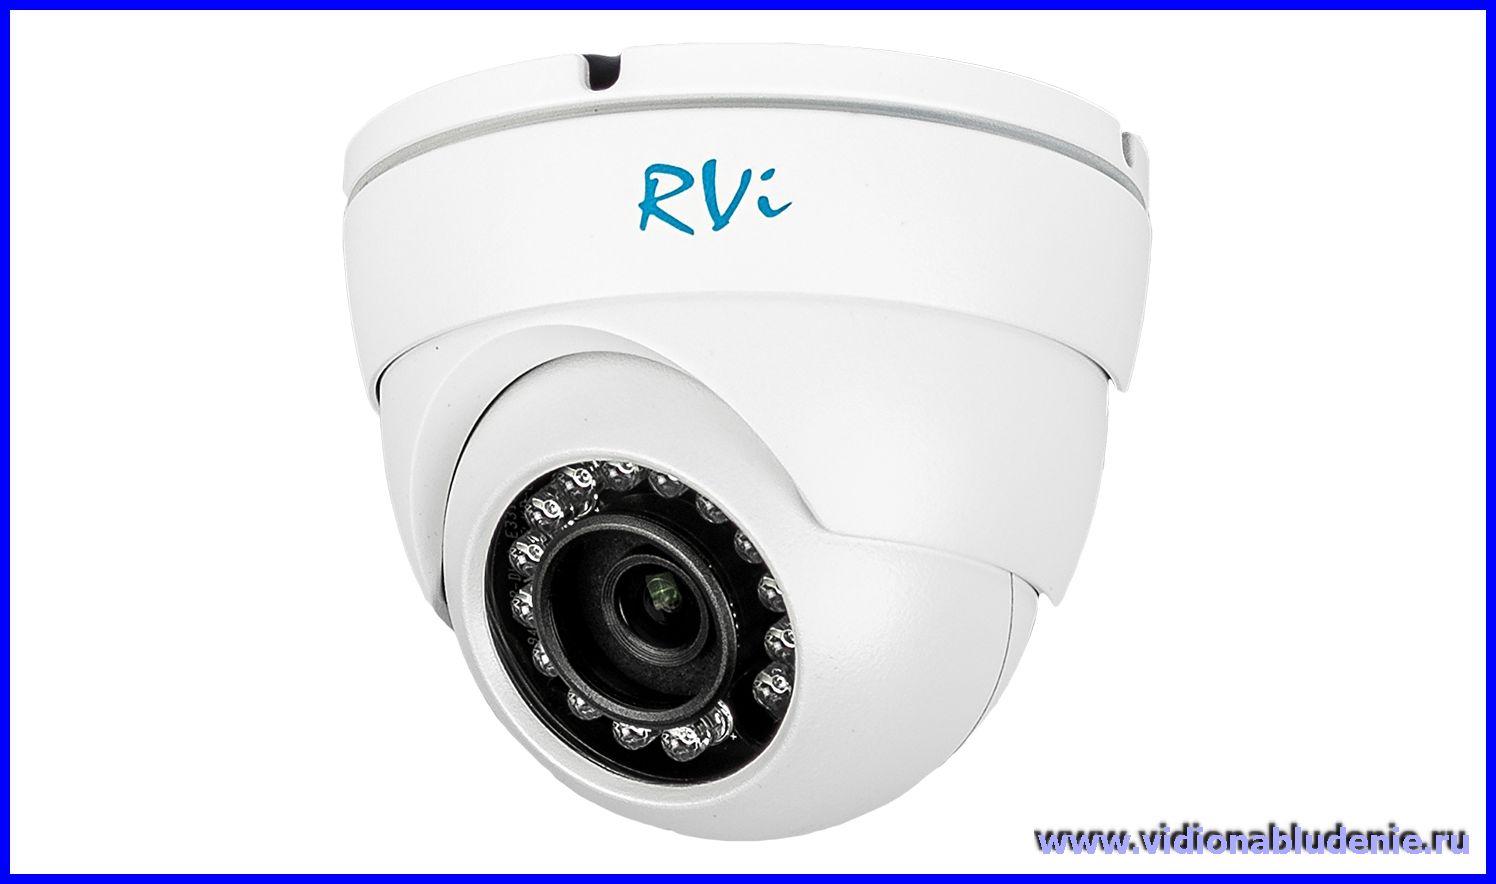 Продажа, доставка и монтаж систем видеонаблюдения в Красноармейске.